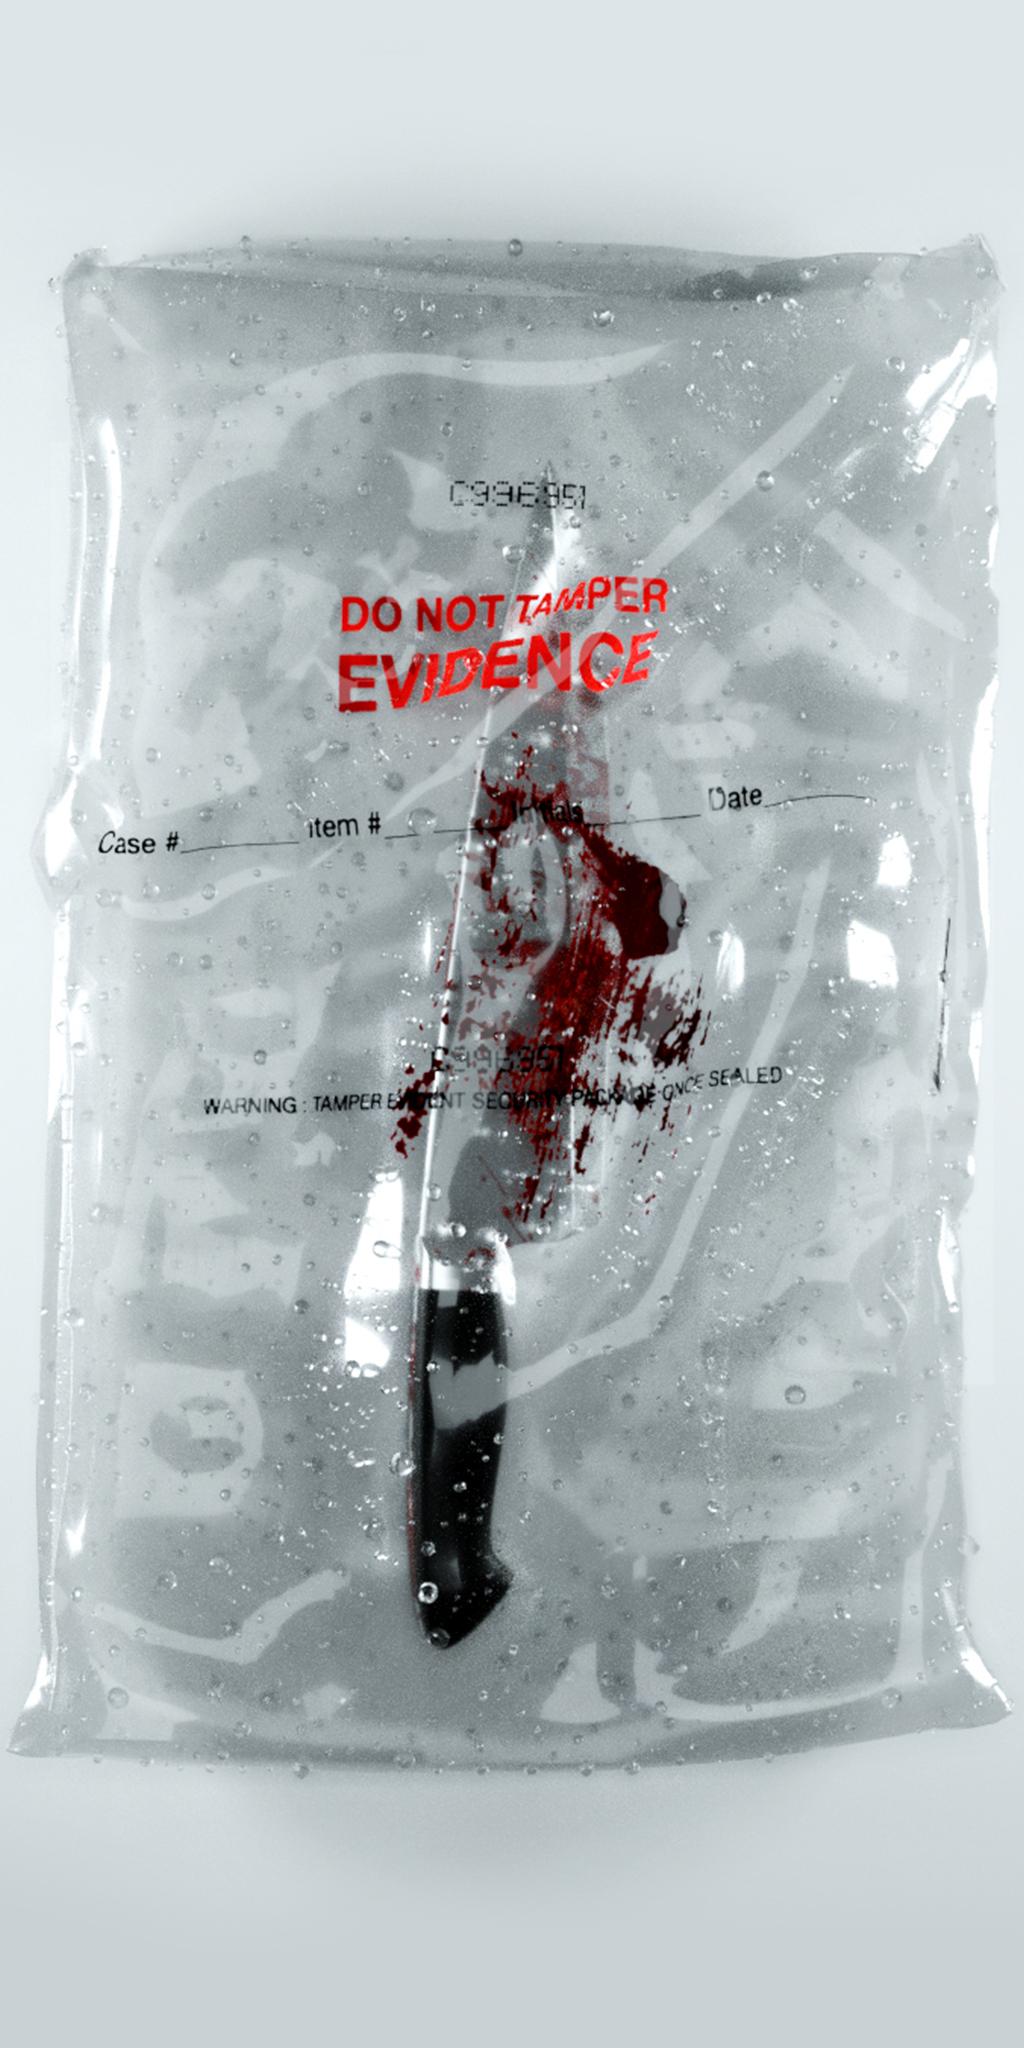 Knife_Evidence_01